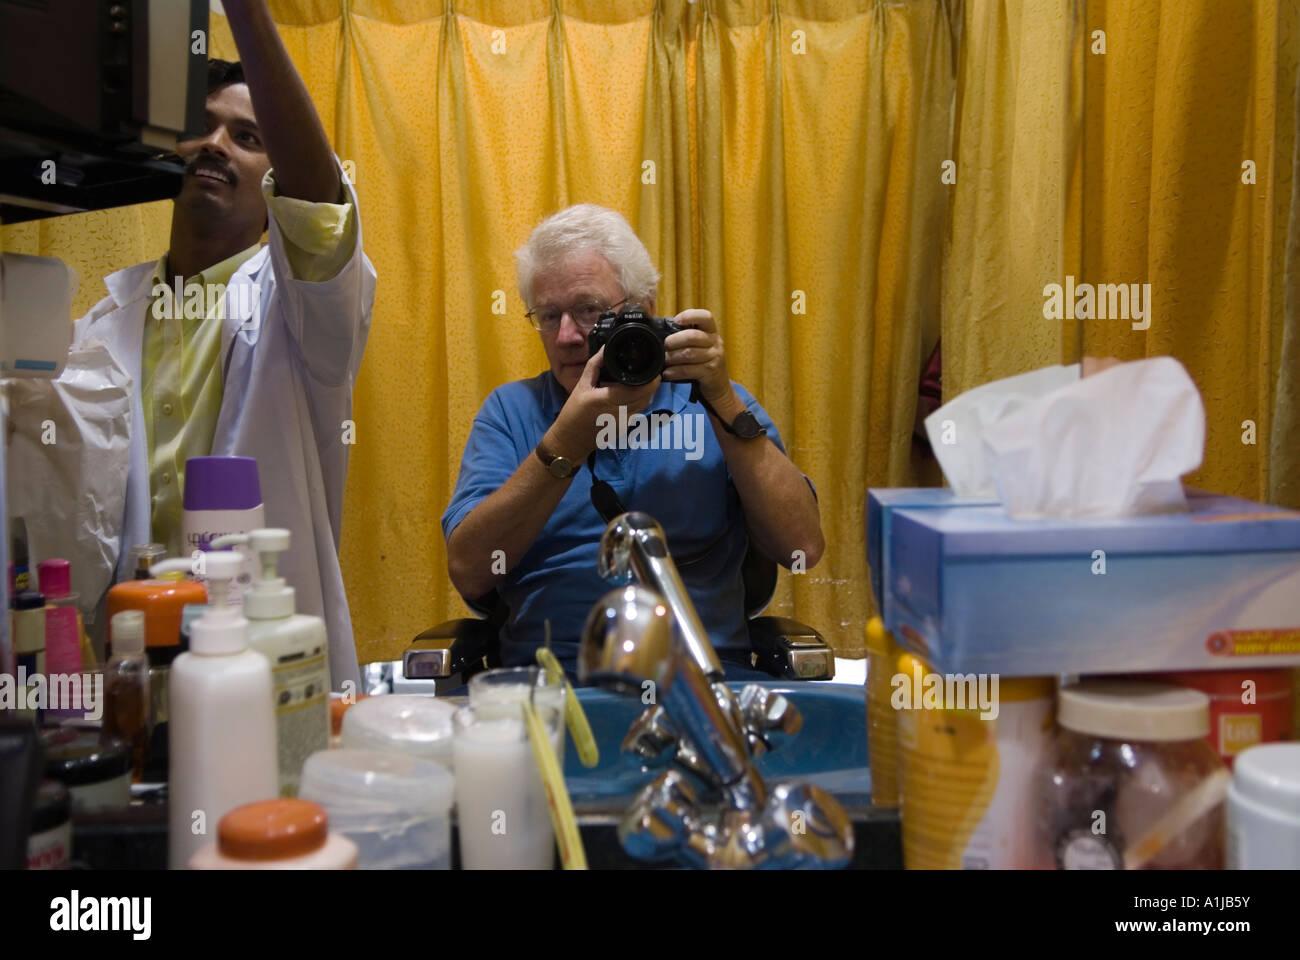 Abu Dhabi Vereinigte Arabische Emirate VAE Homer Sykes mit einem Haarschnitt Stockbild